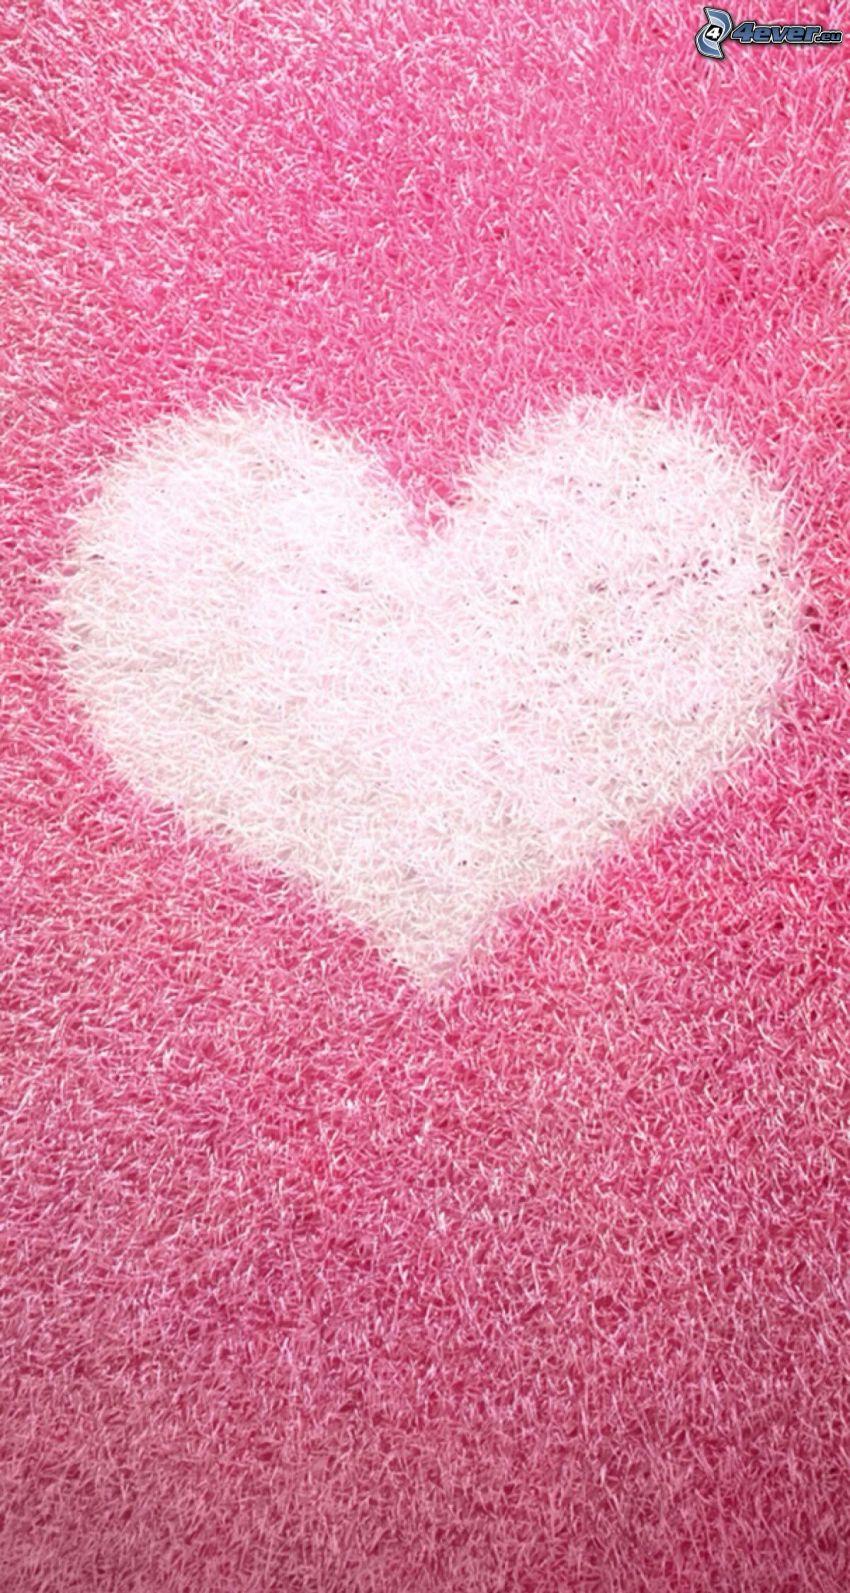 cœur, fond rose